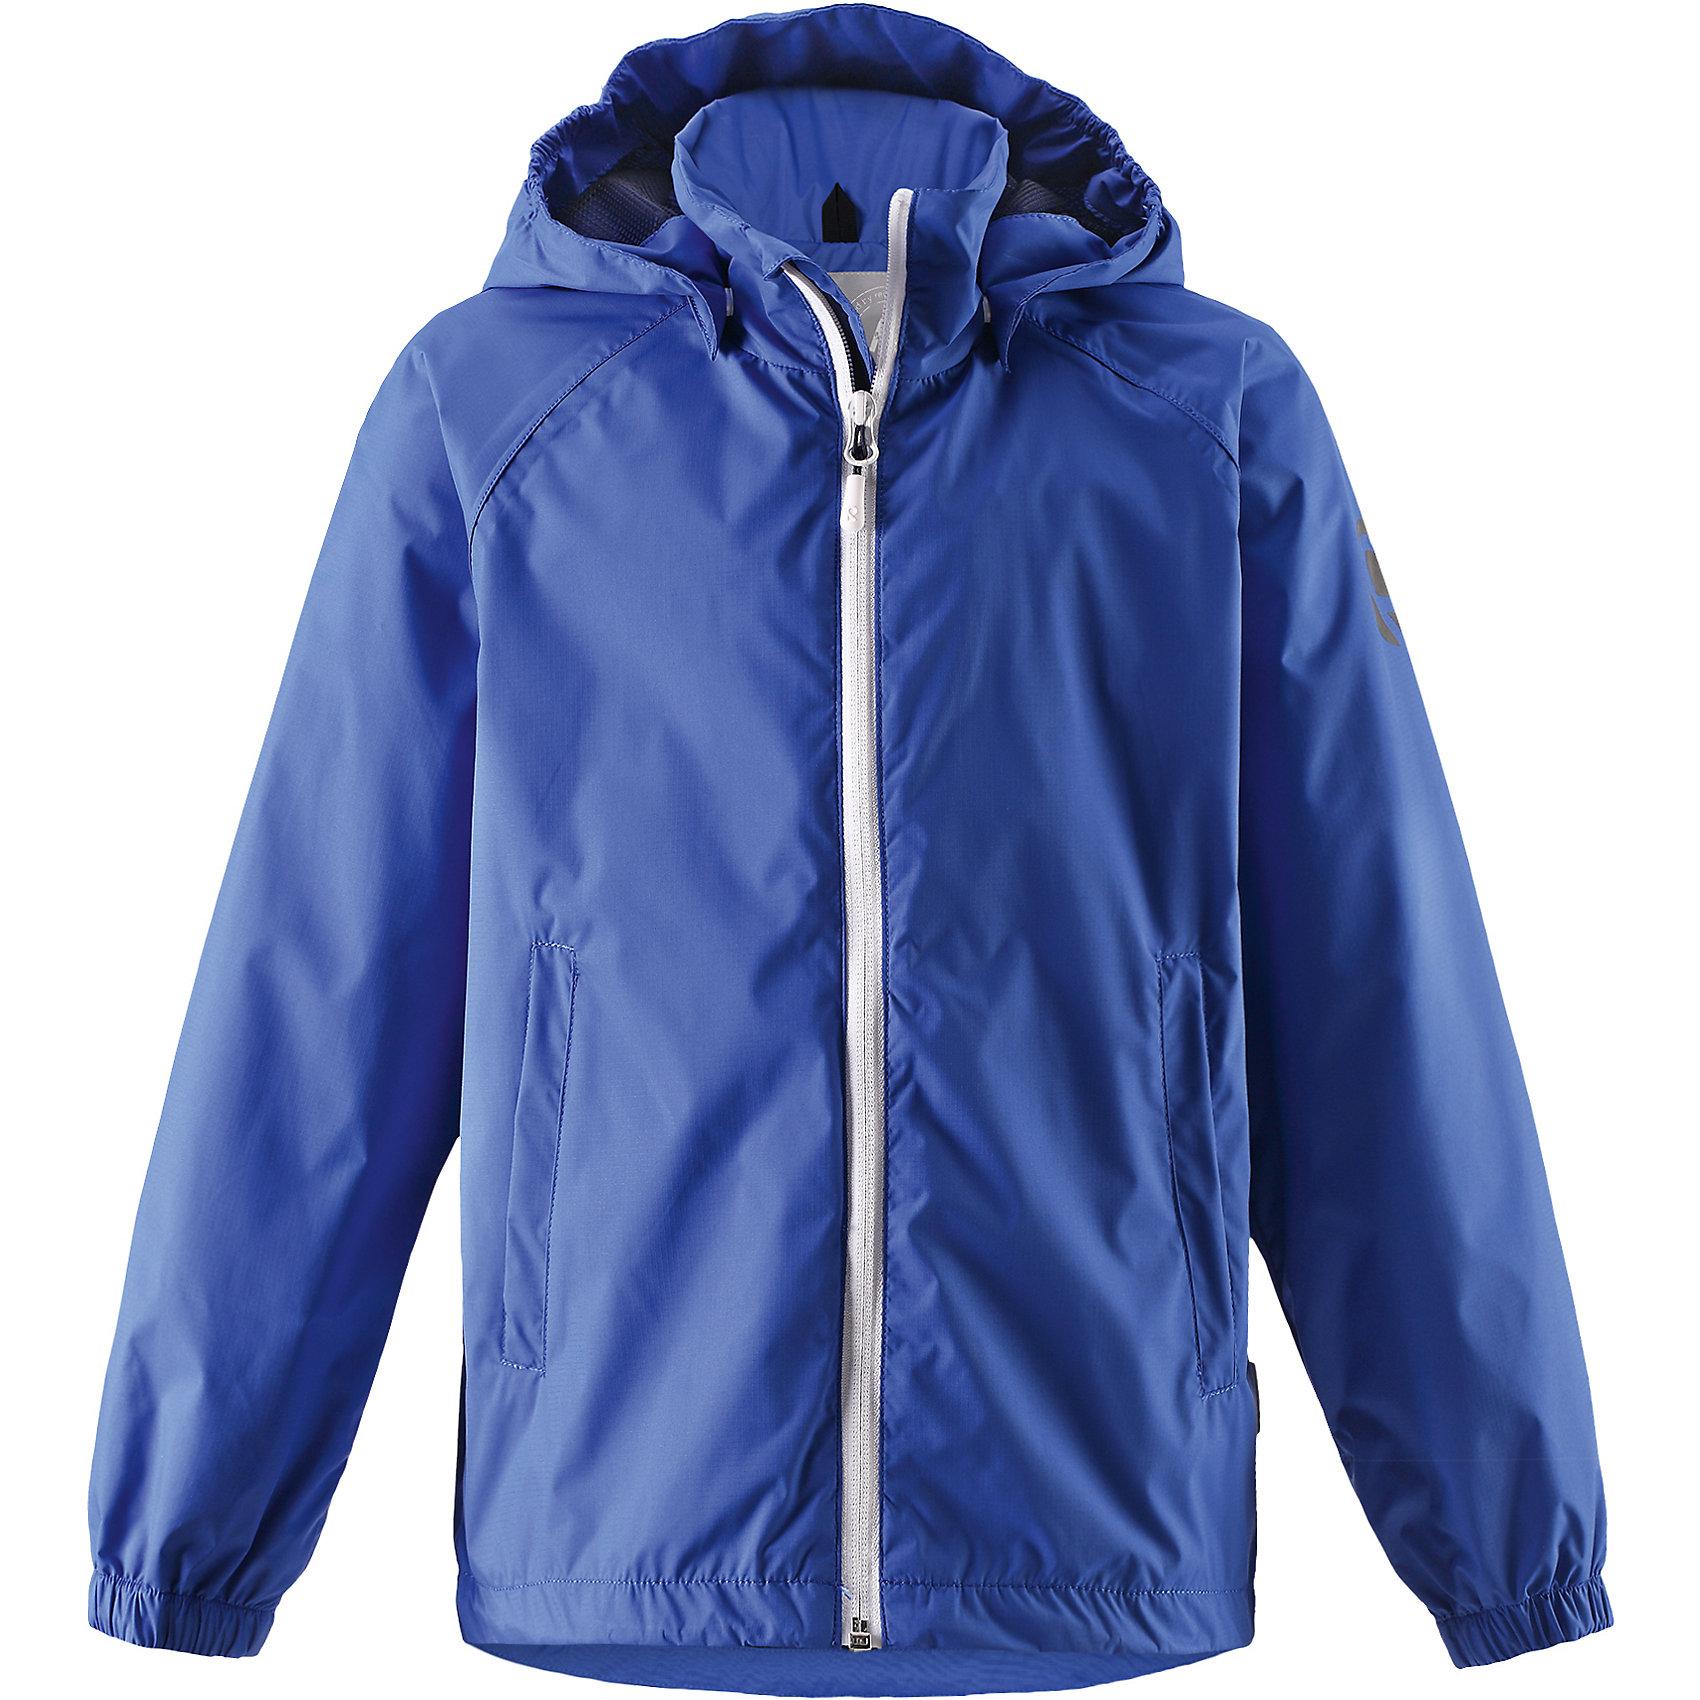 Куртка Roder для мальчика Reimatec® ReimaОдежда<br>Характеристики товара:<br><br>• цвет: синий<br>• состав: 100% полиэстер, полиуретановое покрытие<br>• температурный режим: от +10°до -20°С<br>• без утеплителя<br>• водонепроницаемость 5000 мм<br>• ветронепроницаемость 5000<br>• сопротивление трению: 3000 циклов (тест Мартиндейла).<br>• швы проклеены и водонепроницаемы<br>• водо- и ветронепроницаемый «дышащий» материал<br>• подкладка: mesh-сетка<br>• безопасный съёмный капюшон<br>• регулируемый подол<br>• эластичные манжеты<br>• усовершенствованная молния - больше не застрянет!<br>• возможность сложить куртку в ее собственный карман<br>• два прорезных кармана<br>• комфортная посадка<br>• страна производства: Китай<br>• страна бренда: Финляндия<br>• коллекция: весна-лето 2017<br><br>Верхняя одежда для детей может быть модной и комфортной одновременно! Демисезонная куртка поможет обеспечить ребенку комфорт и тепло. Она отлично смотрится с различной одеждой и обувью. Изделие удобно сидит и модно выглядит. Материал - прочный, хорошо подходящий для межсезонья, водо- и ветронепроницаемый, «дышащий». Стильный дизайн разрабатывался специально для детей.<br><br>Одежда и обувь от финского бренда Reima пользуется популярностью во многих странах. Эти изделия стильные, качественные и удобные. Для производства продукции используются только безопасные, проверенные материалы и фурнитура. Порадуйте ребенка модными и красивыми вещами от Reima! <br><br>Куртку для мальчика Reimatec® от финского бренда Reima (Рейма) можно купить в нашем интернет-магазине.<br><br>Ширина мм: 356<br>Глубина мм: 10<br>Высота мм: 245<br>Вес г: 519<br>Цвет: синий<br>Возраст от месяцев: 60<br>Возраст до месяцев: 72<br>Пол: Мужской<br>Возраст: Детский<br>Размер: 116,164,122,128,134,140,104,146,110,152,158<br>SKU: 5267573